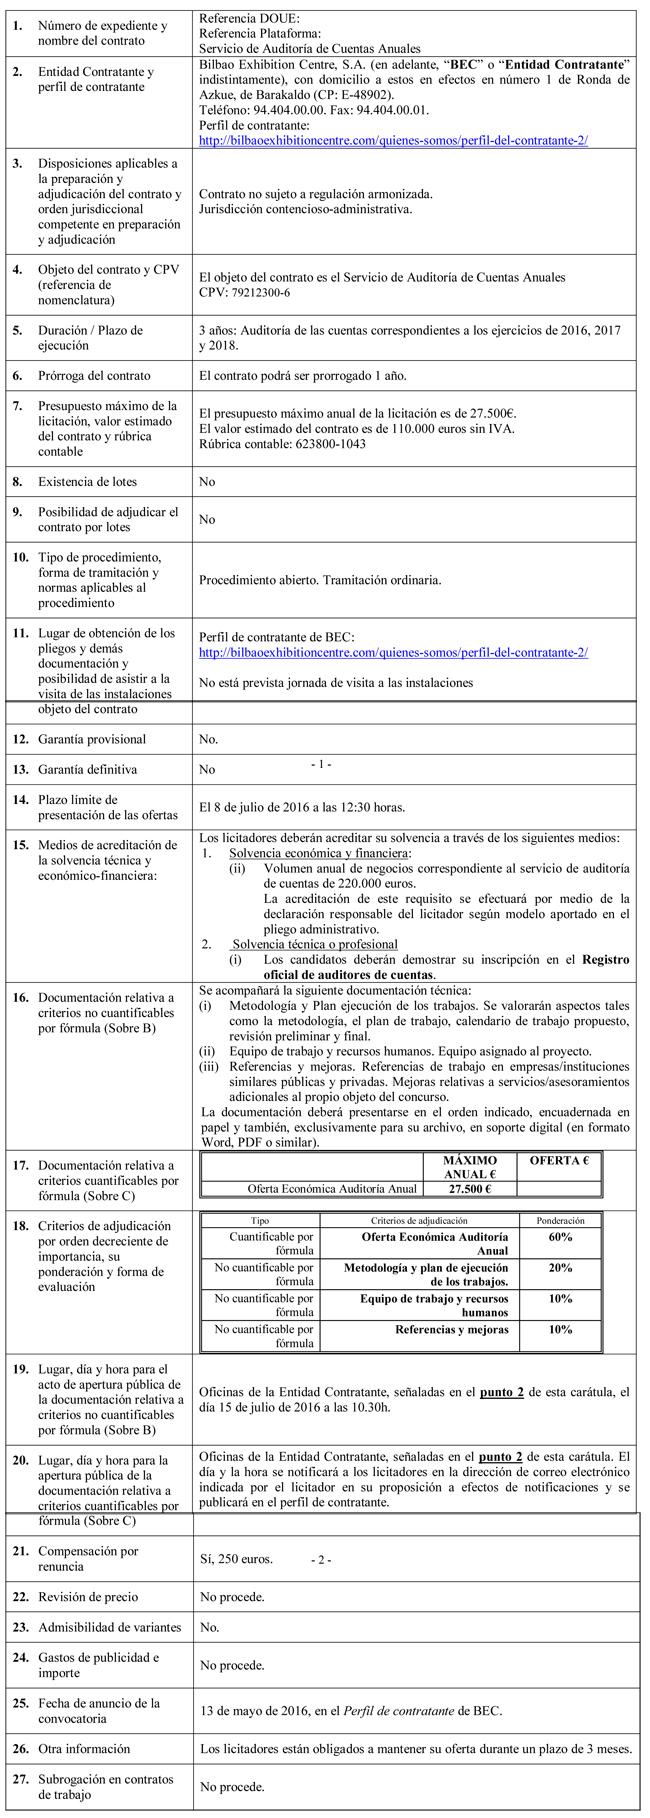 Microsoft Word - Carátula Auditoría-Corregido2-cas